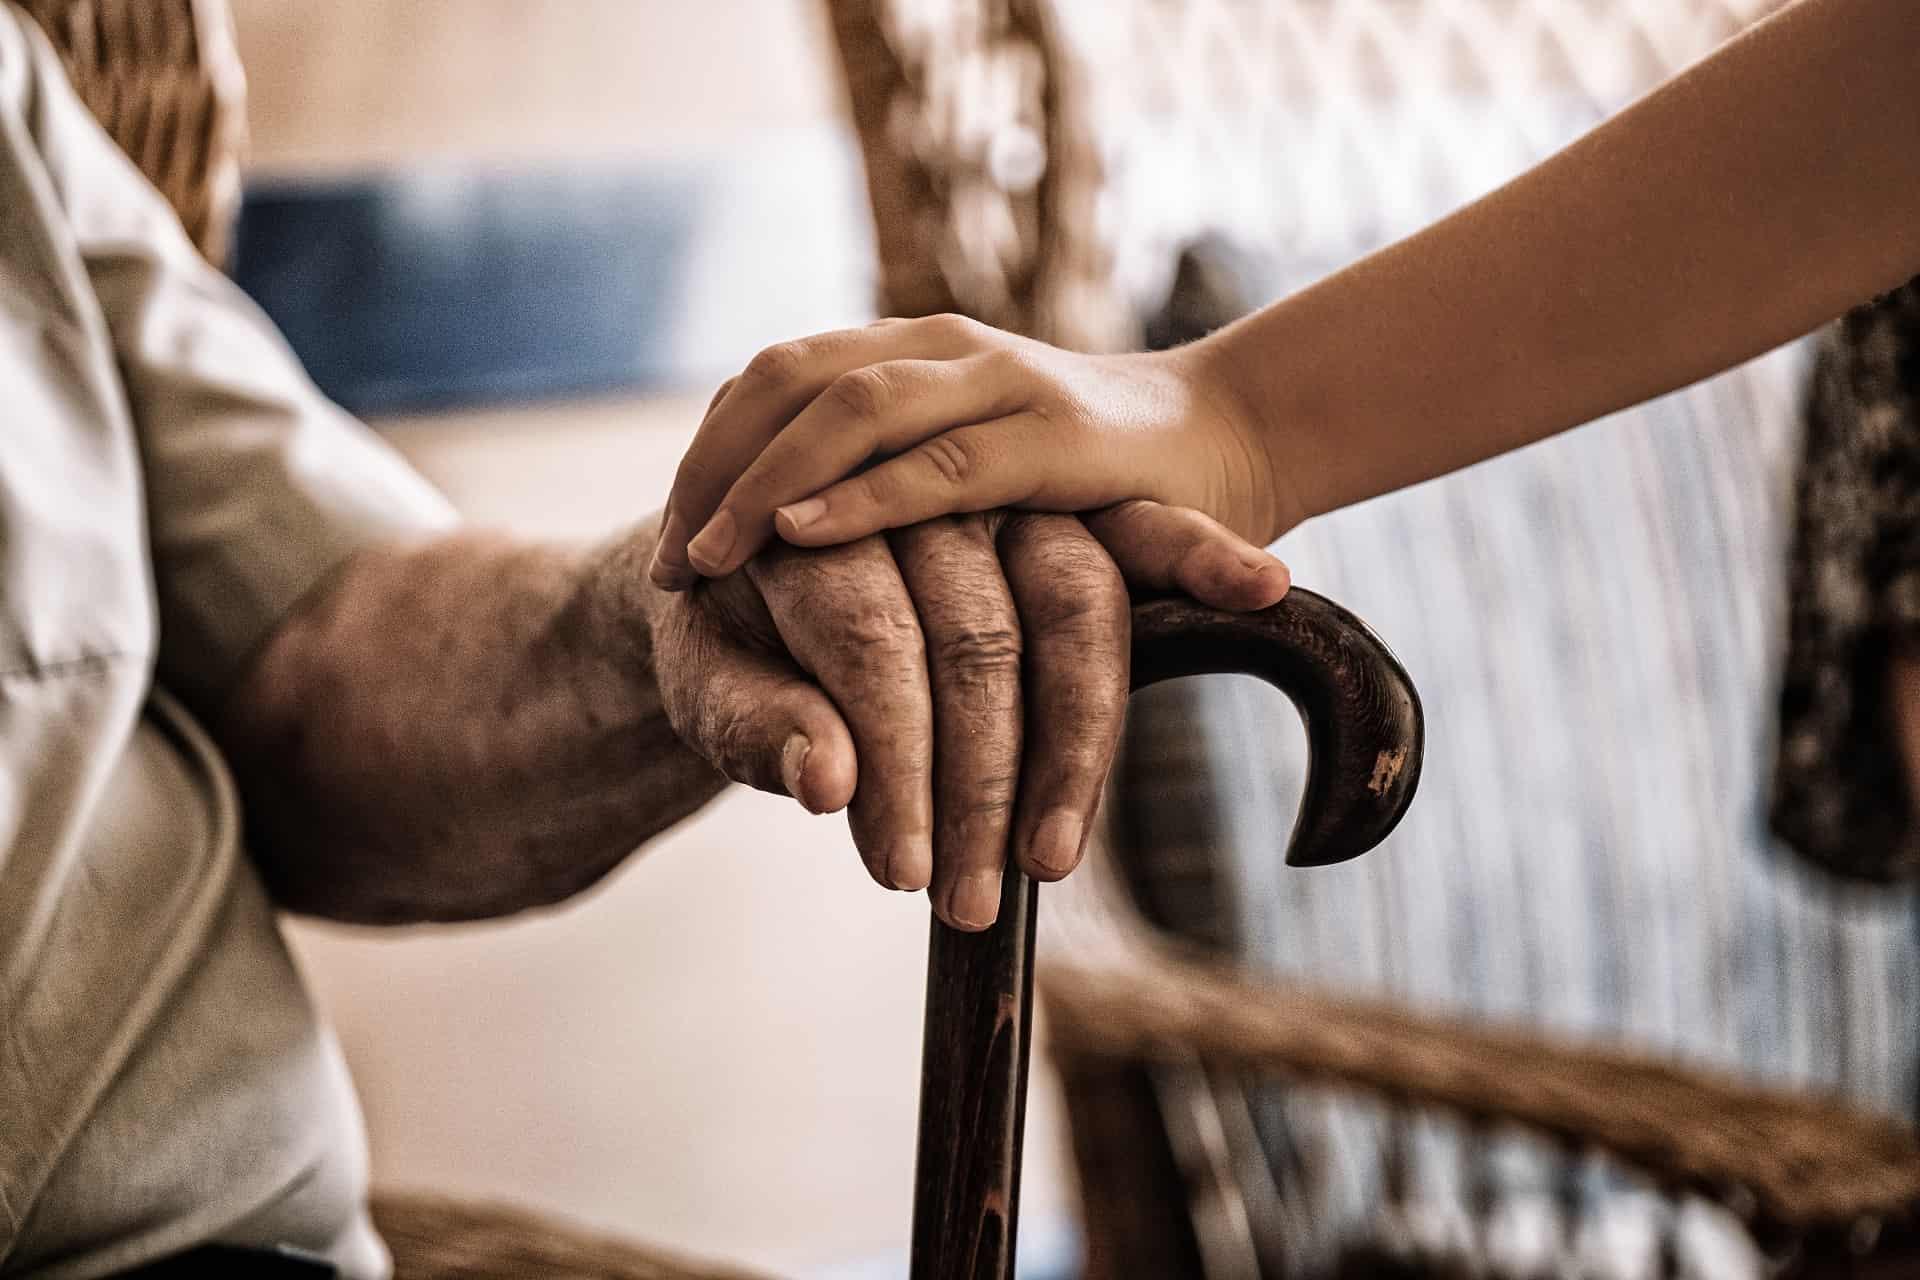 omo montar una residencia de ancianos